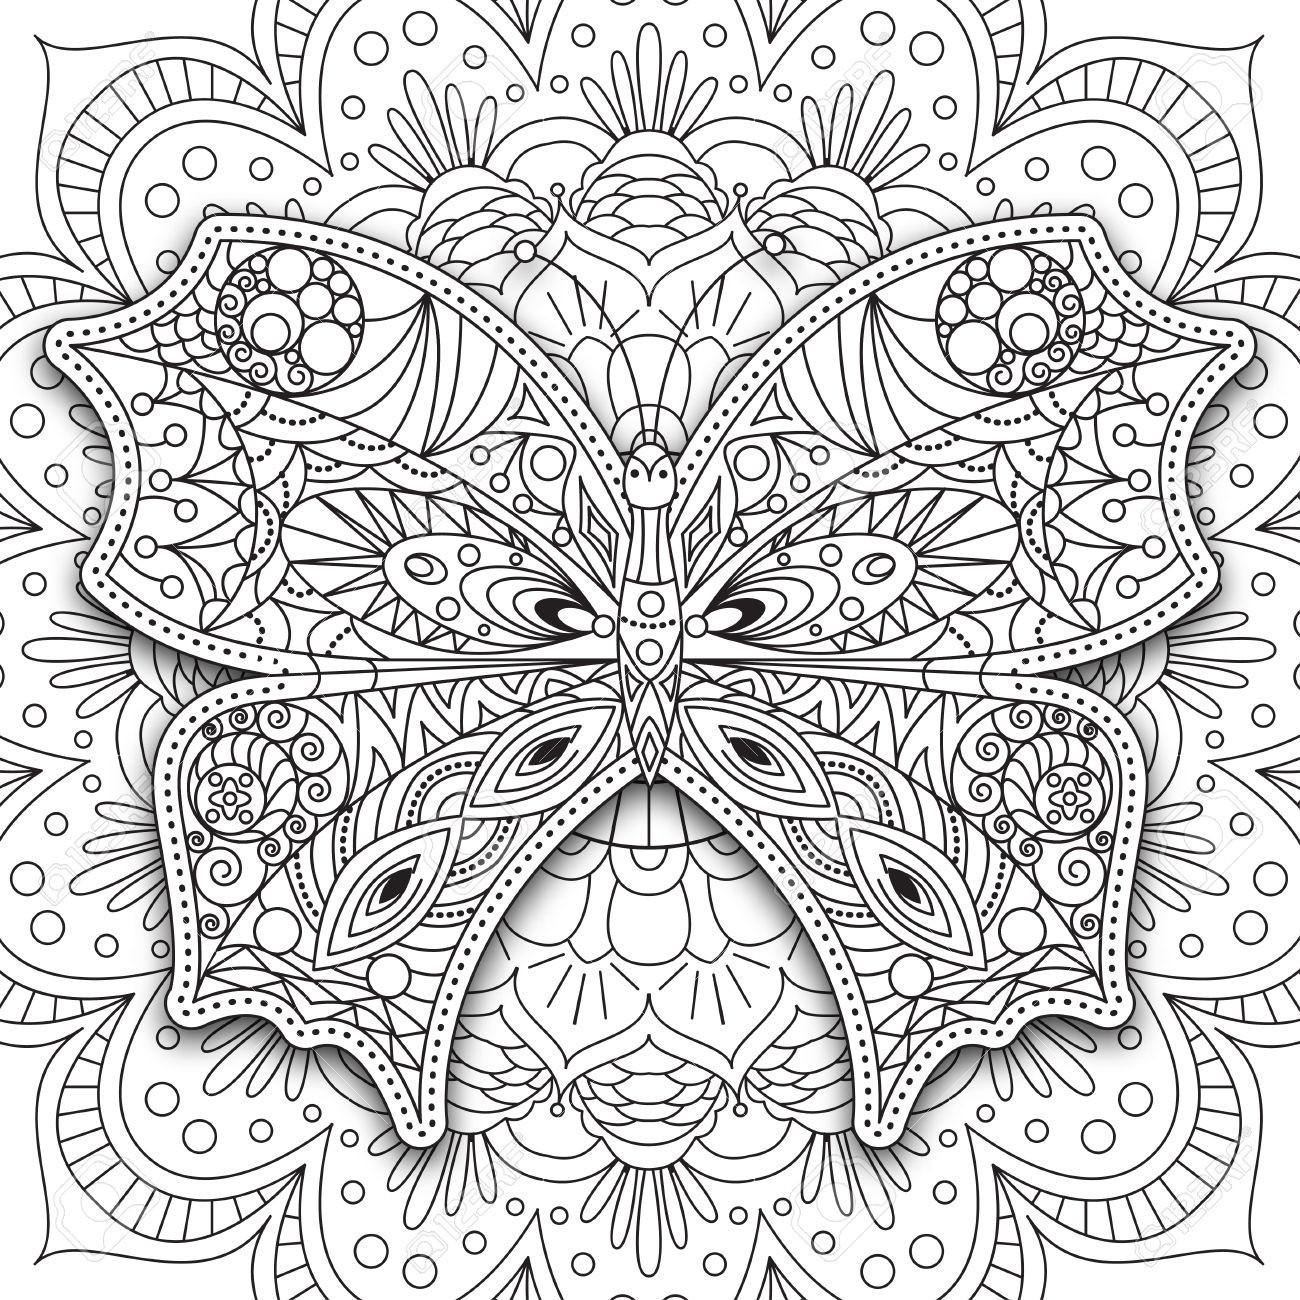 Schmetterling Bilder Zum Ausmalen Neu Ausmalbilder Mandala Schmetterling Schön Schmetterling Hand Elegant Sammlung